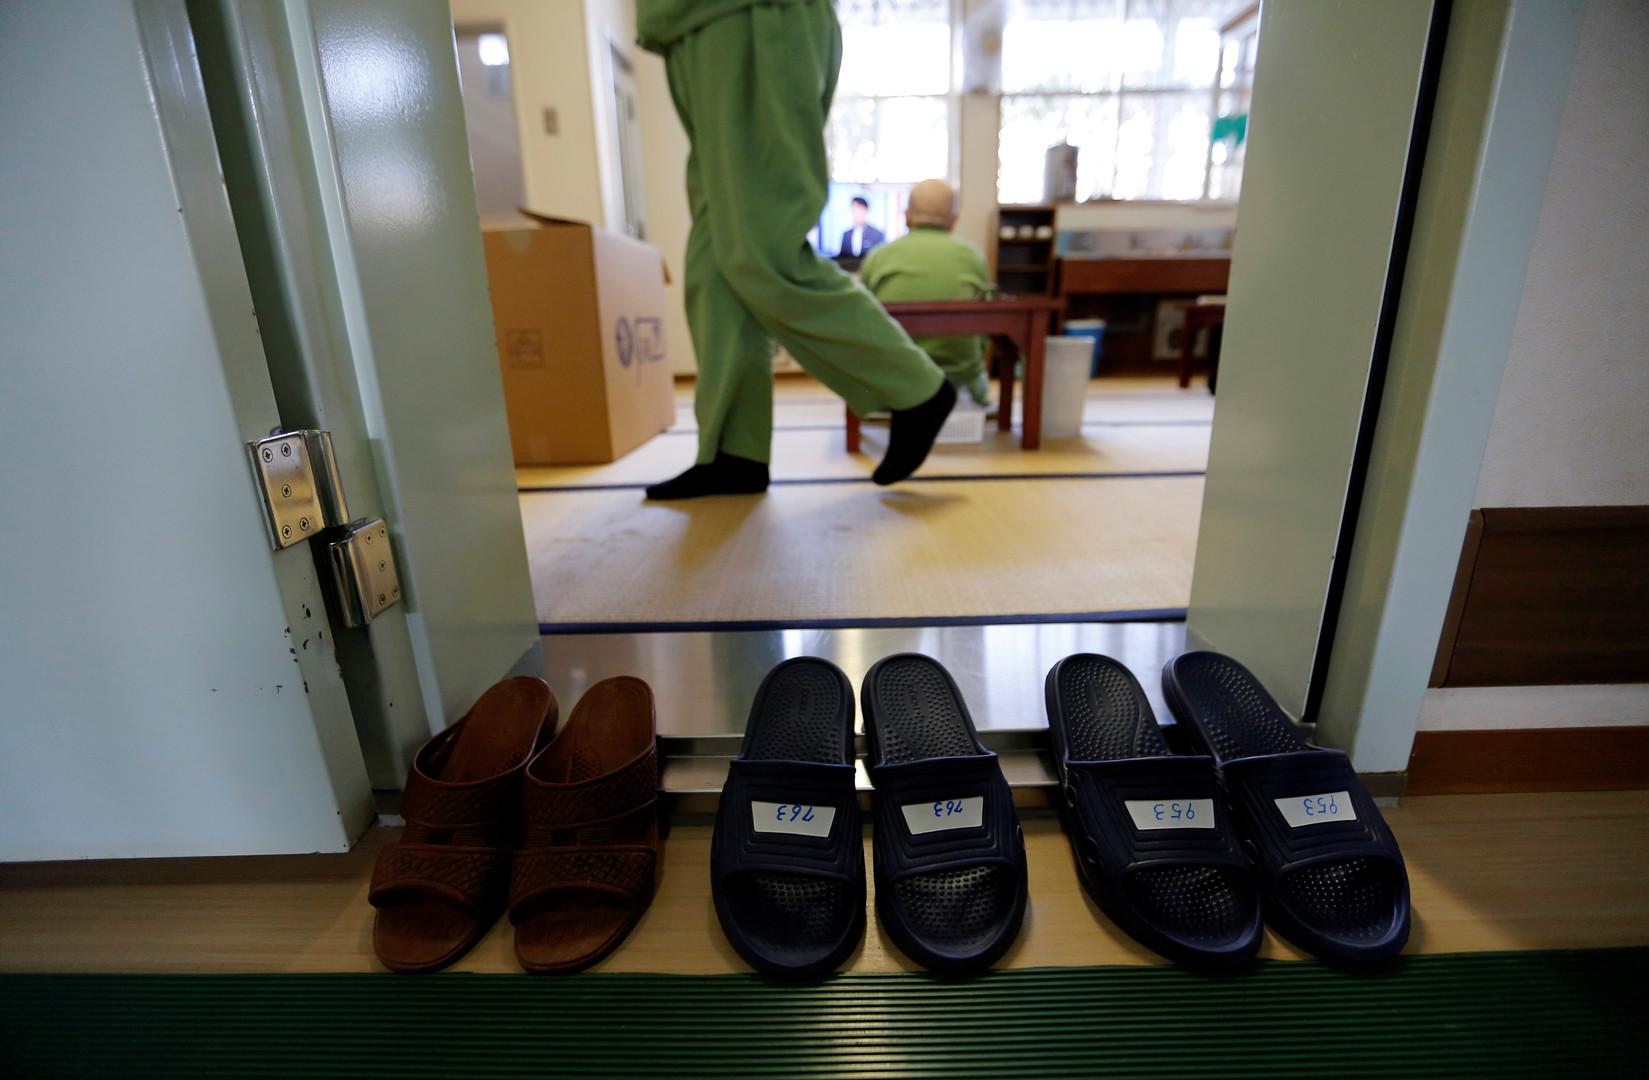 """Der 81 Jahre alte Insasse, der wegen Tötung eines Taxifahrers und Verletzung einer anderen Person zu lebenslanger Haft verurteilt wurde: """"Ich hatte einen Herzfehler und kollabierte oft in der (Gefängnis-)Fabrik""""."""